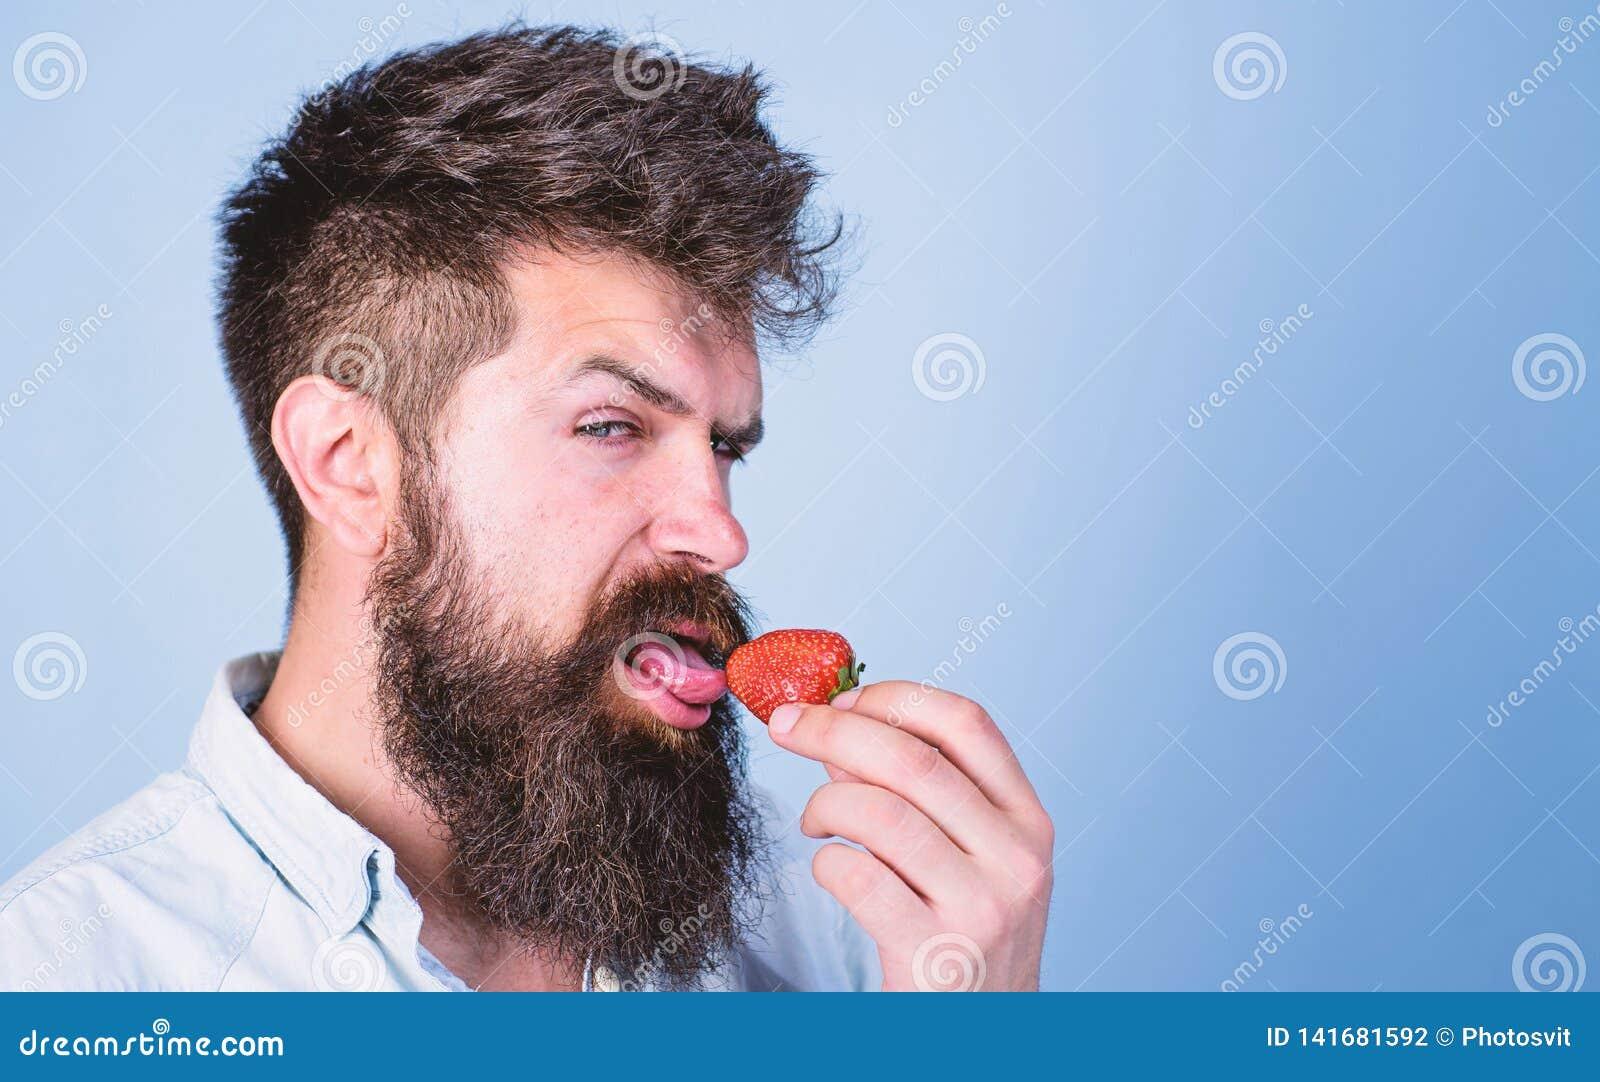 Concept érotique Plaisir oral C est comment été de goûts Équipez le hippie sexy beau avec la longue barbe léchant la fraise